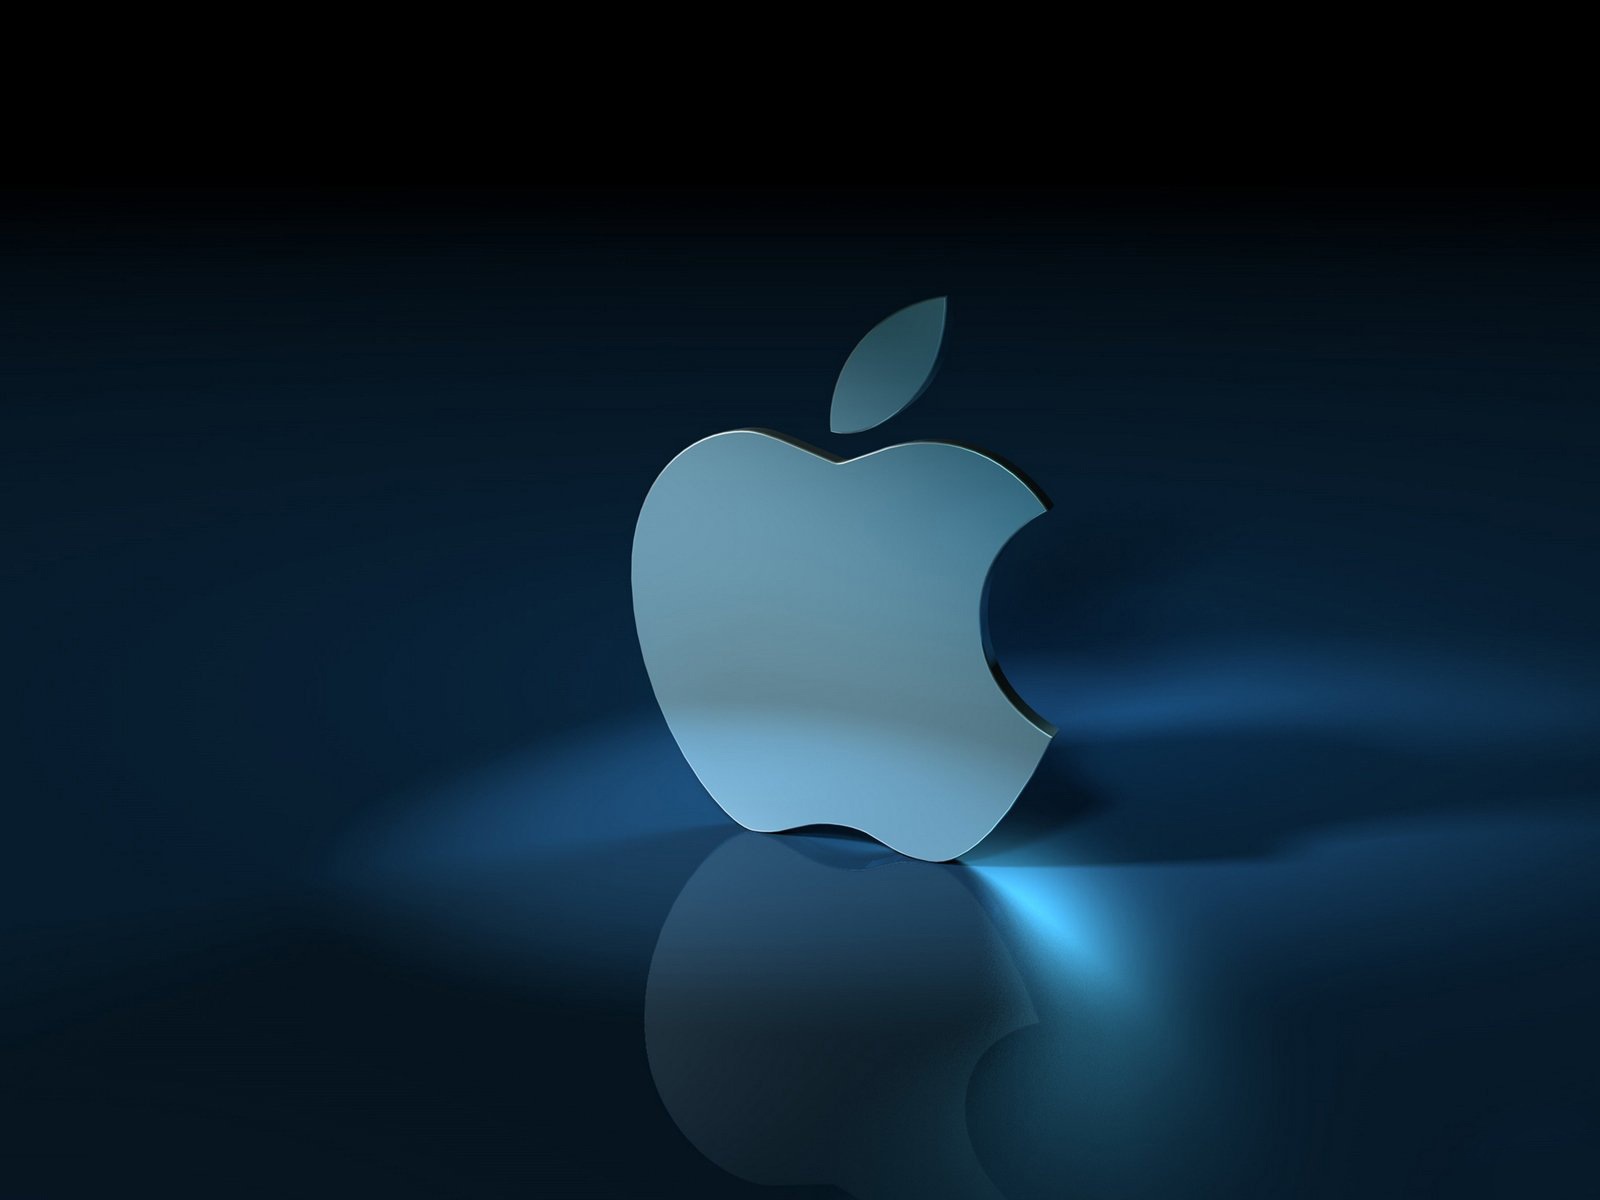 Apple приобрела права на торговый знак российской компании